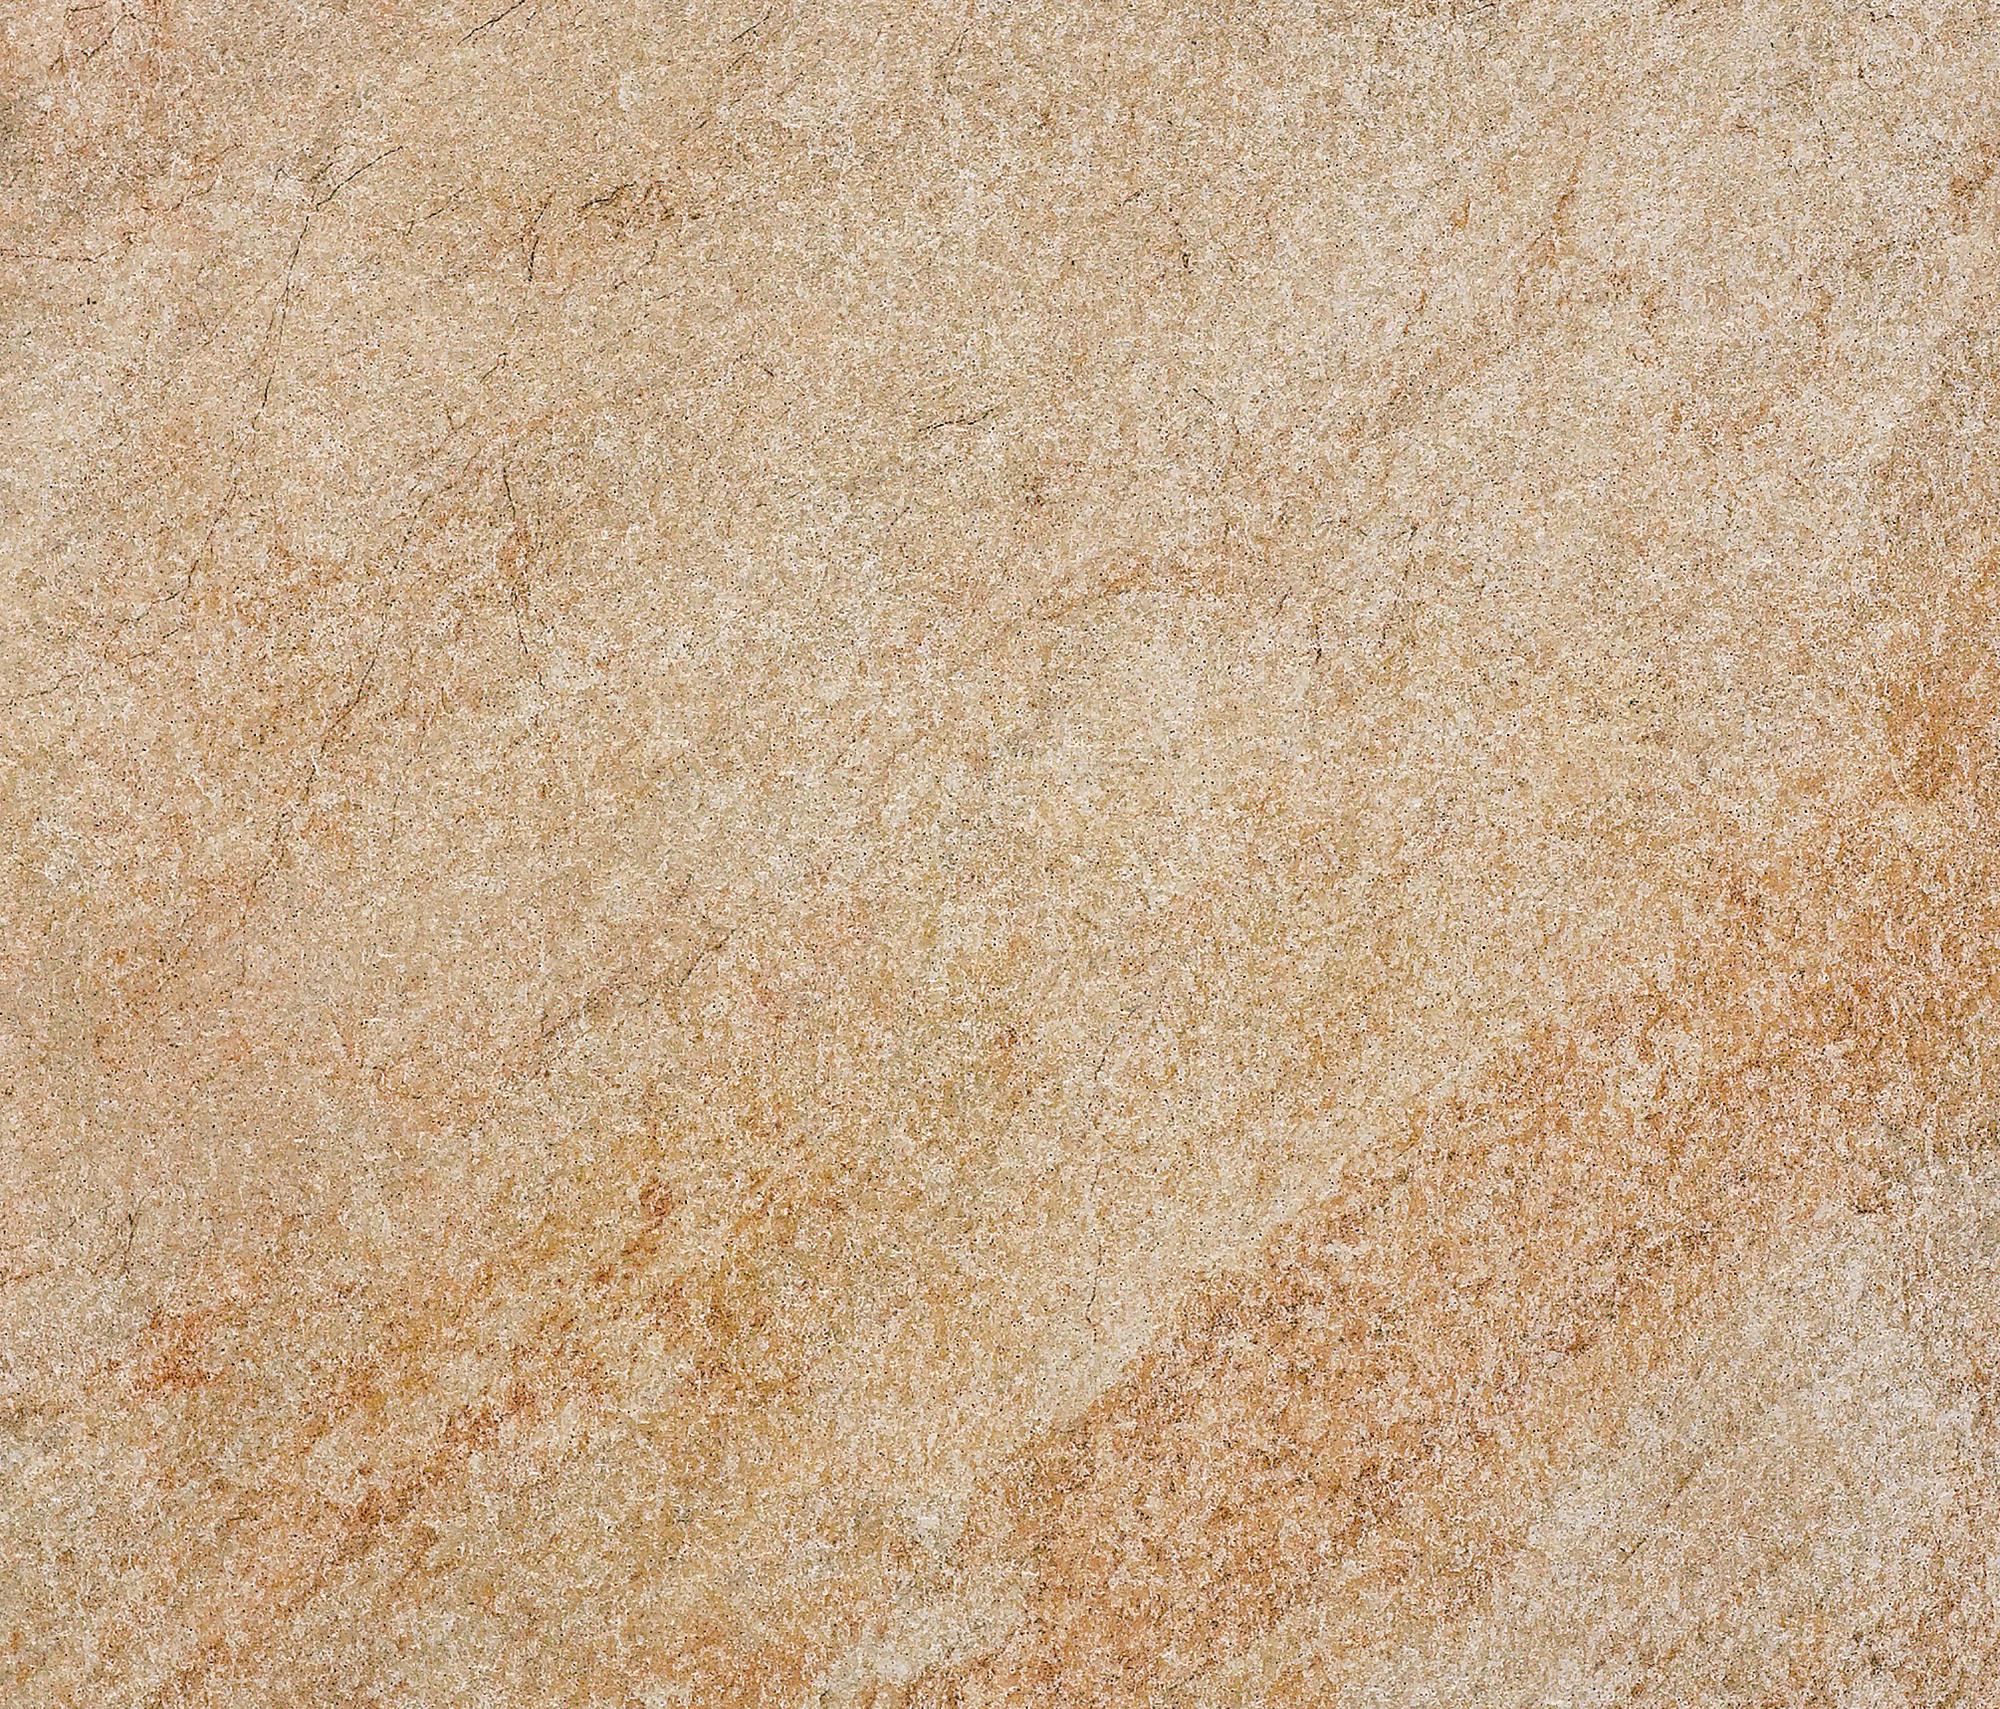 Stonequarz bergen fiammata piastrelle di cotto d 39 este architonic - Piastrelle di cotto ...